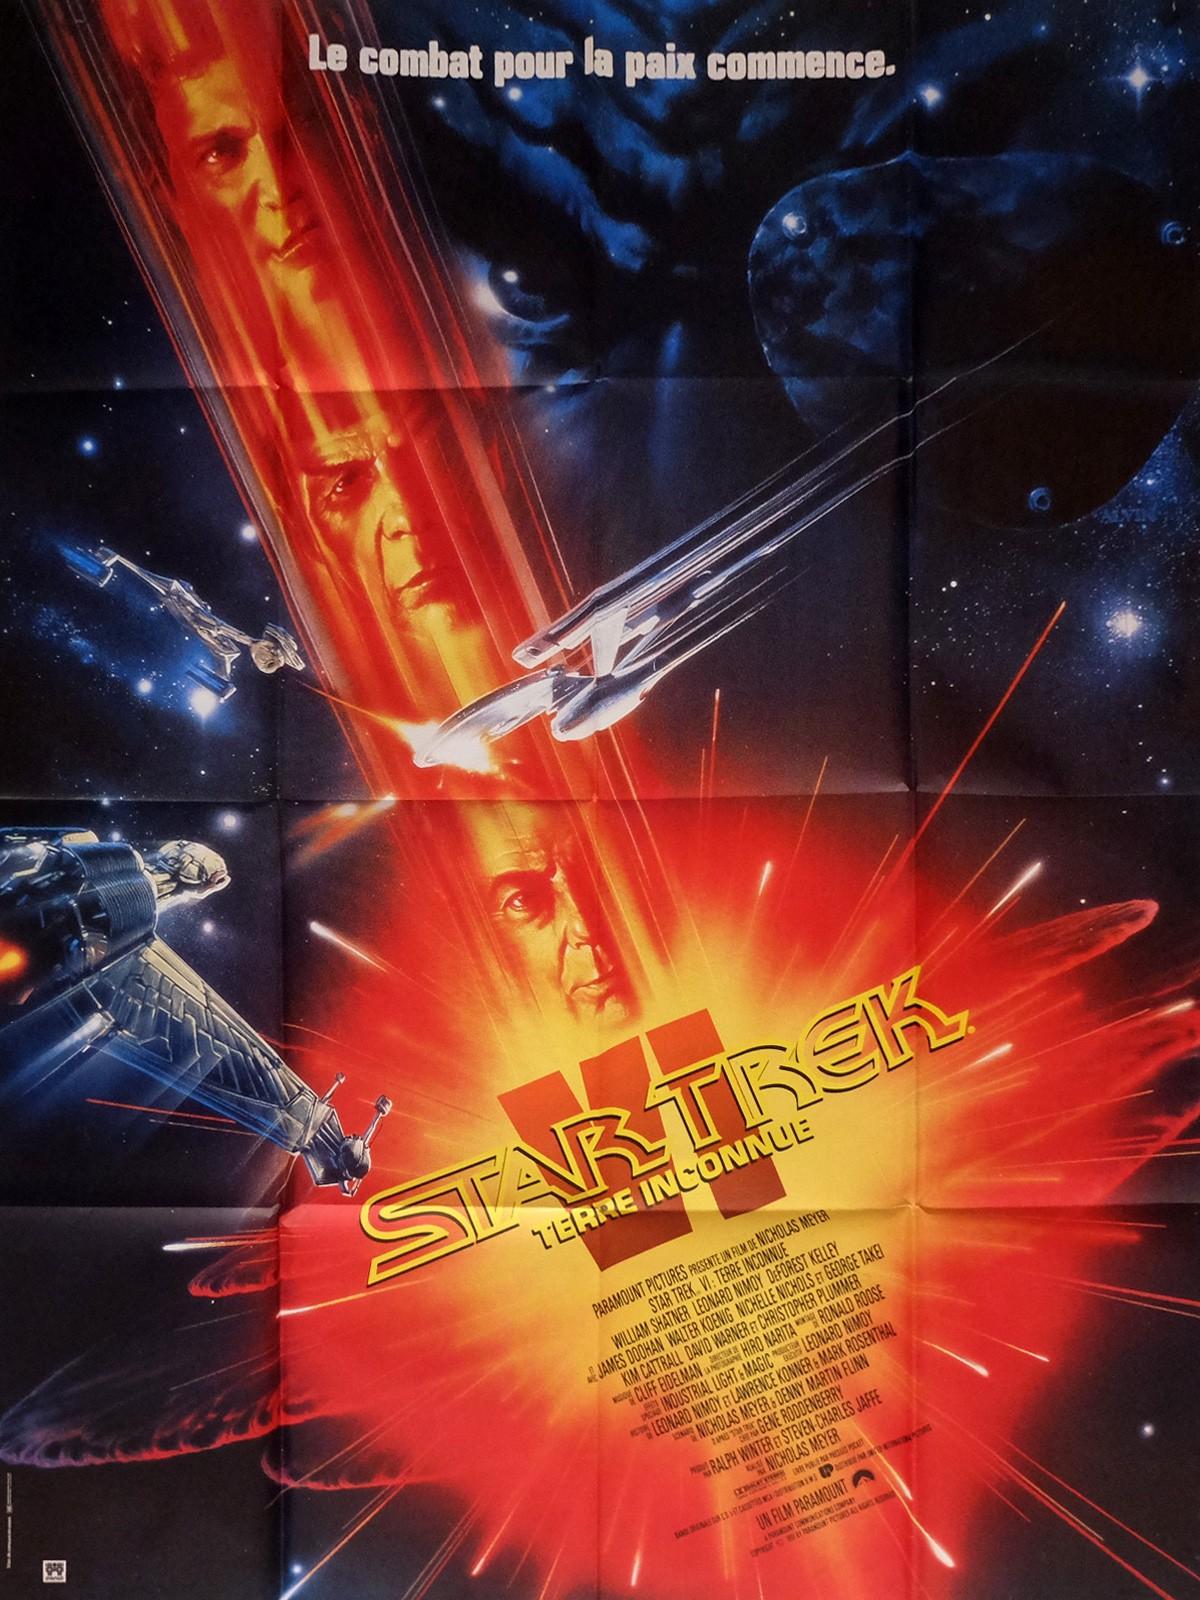 Star Trek Vi French Movie Poster 47x63 91 William Shatner Leonard Nimoy